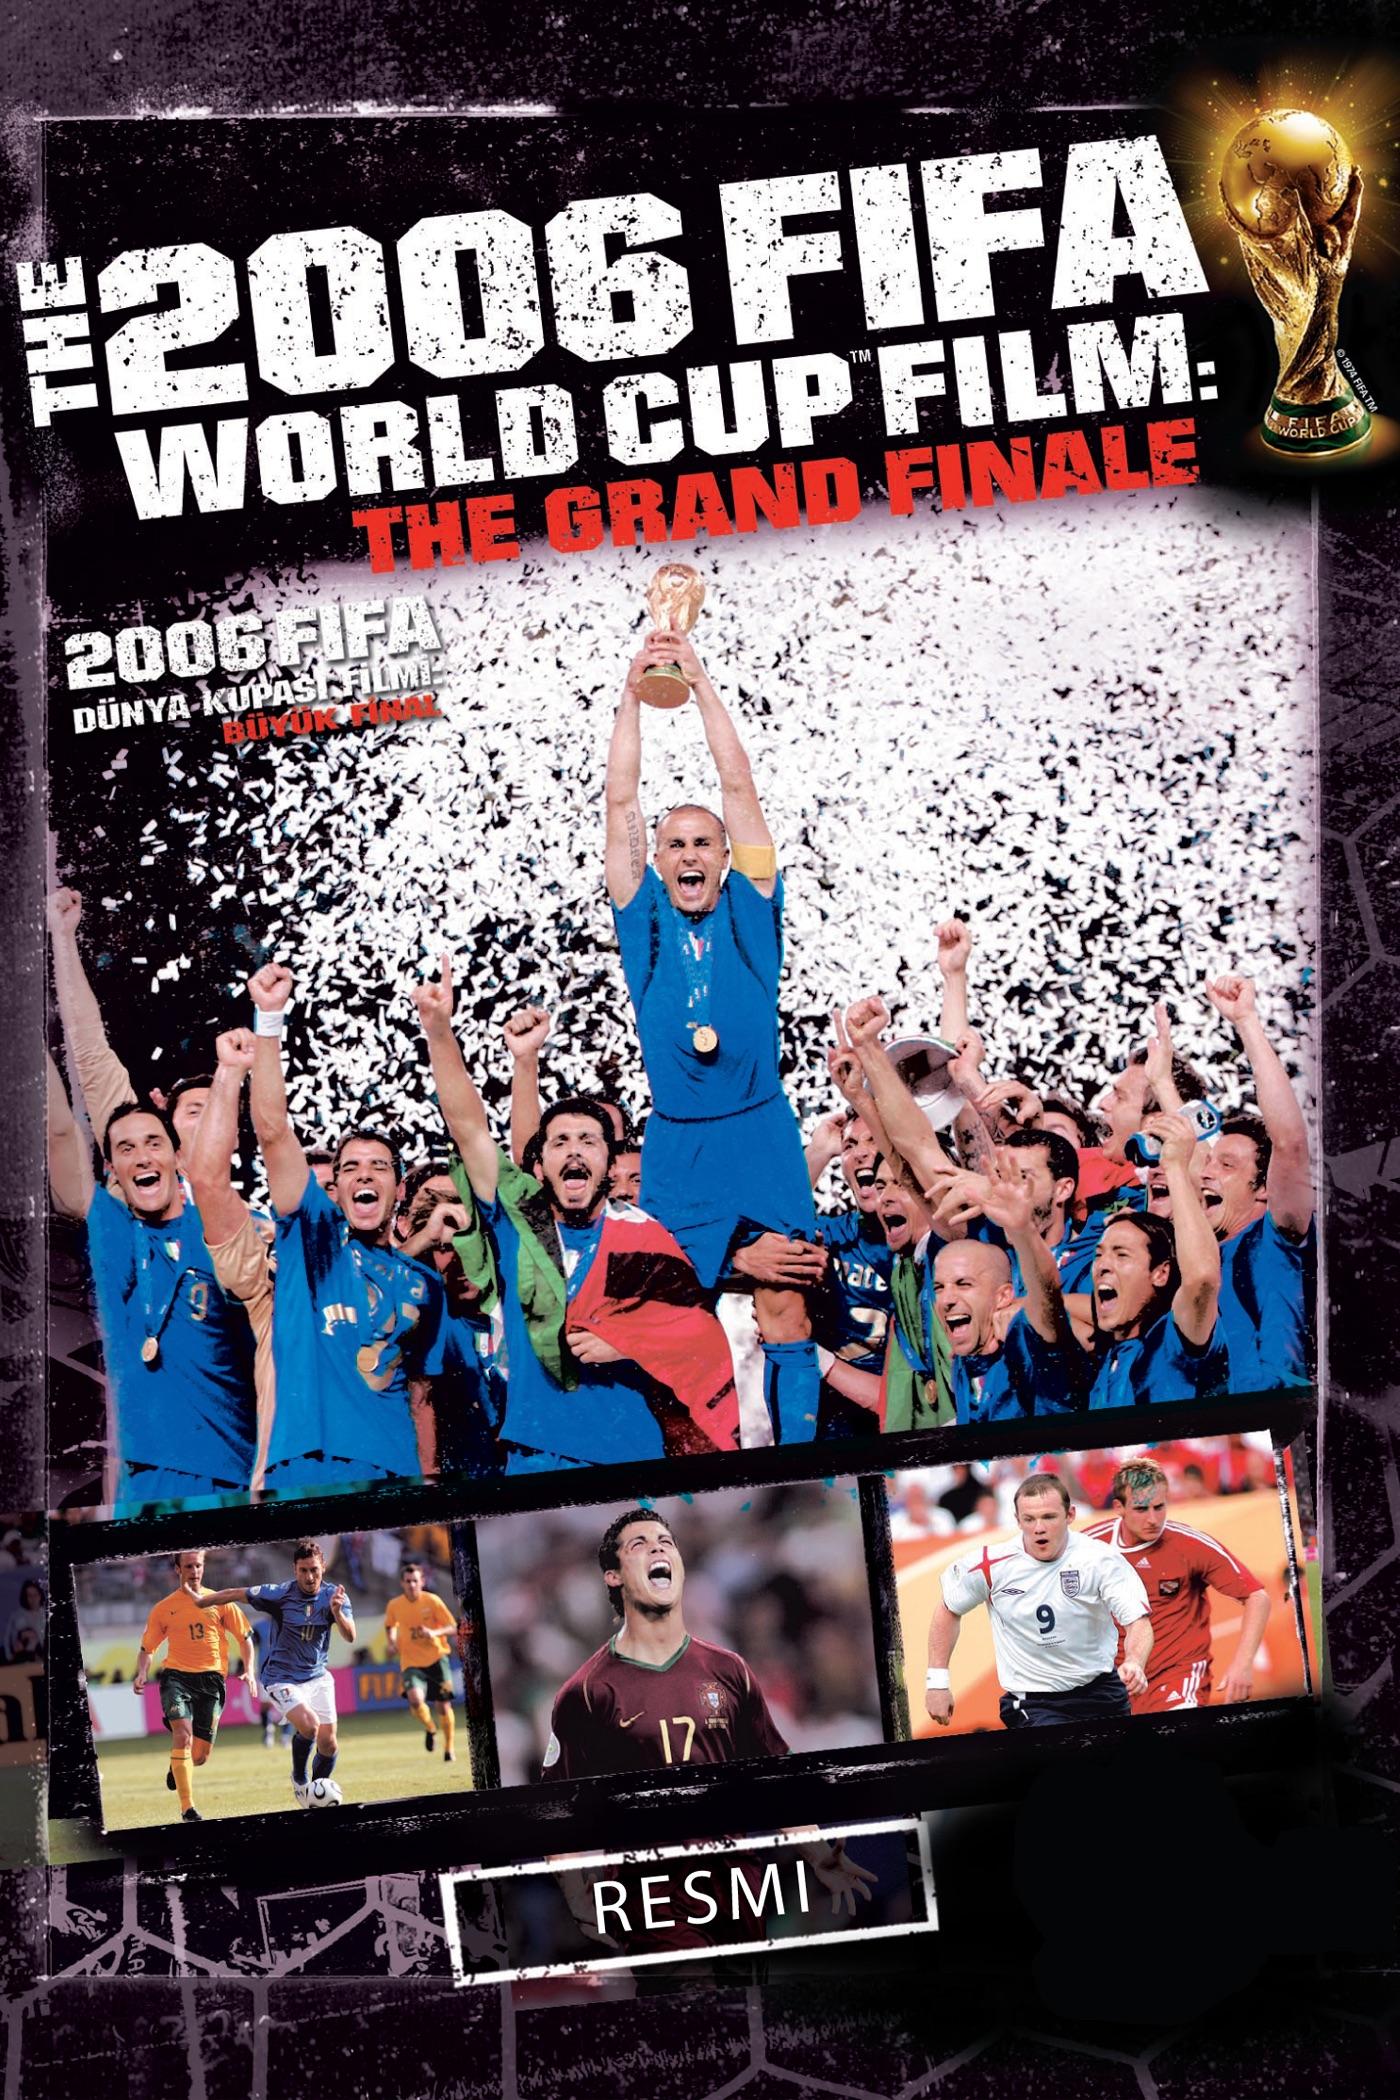 Чм 2006 финал футбол 26 фотография